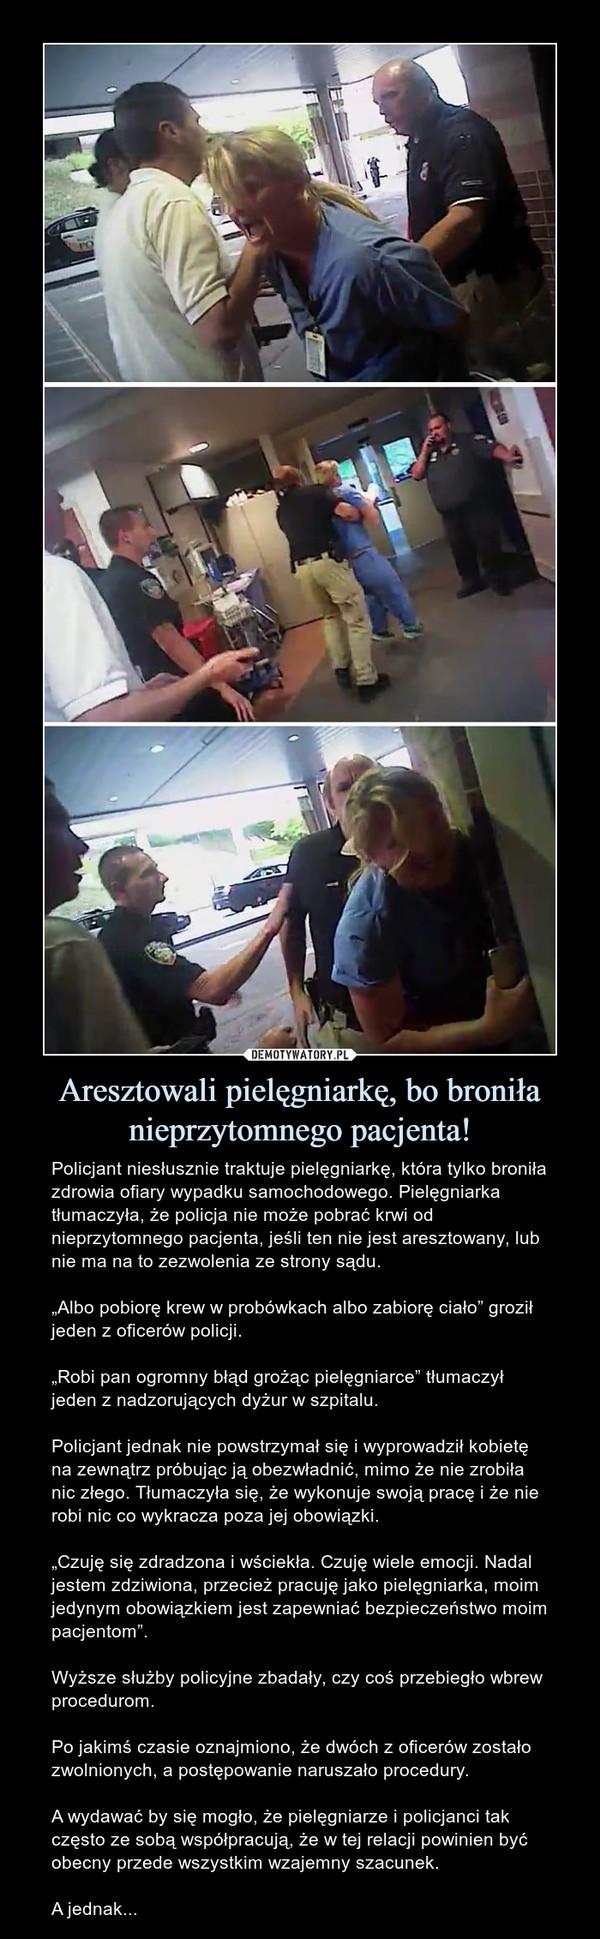 """Aresztowali pielęgniarkę, bo broniła nieprzytomnego pacjenta! – Policjant niesłusznie traktuje pielęgniarkę, która tylko broniła zdrowia ofiary wypadku samochodowego. Pielęgniarka tłumaczyła, że policjanie możepobrać krwi od nieprzytomnego pacjenta, jeśli ten nie jest aresztowany, lub nie ma na to zezwolenia ze strony sądu.""""Albo pobiorę krew w probówkach albo zabiorę ciało"""" groził jeden z oficerów policji.""""Robi pan ogromny błąd grożąc pielęgniarce"""" tłumaczył jeden z nadzorujących dyżur w szpitalu.Policjant jednak nie powstrzymał się i wyprowadził kobietę na zewnątrz próbując ją obezwładnić, mimo że nie zrobiła nic złego. Tłumaczyła się, że wykonuje swoją pracę i że nie robi nic co wykracza poza jej obowiązki.""""Czuję się zdradzona i wściekła. Czuję wiele emocji. Nadal jestem zdziwiona, przecież pracuję jako pielęgniarka, moim jedynym obowiązkiem jest zapewniać bezpieczeństwo moim pacjentom"""".Wyższe służby policyjne zbadały, czy coś przebiegło wbrew procedurom.Po jakimś czasie oznajmiono, że dwóch z oficerów zostało zwolnionych, a postępowanie naruszało procedury.A wydawać by się mogło, że pielęgniarze i policjanci tak często ze sobą współpracują, że w tej relacji powinien być obecny przede wszystkim wzajemny szacunek.A jednak..."""